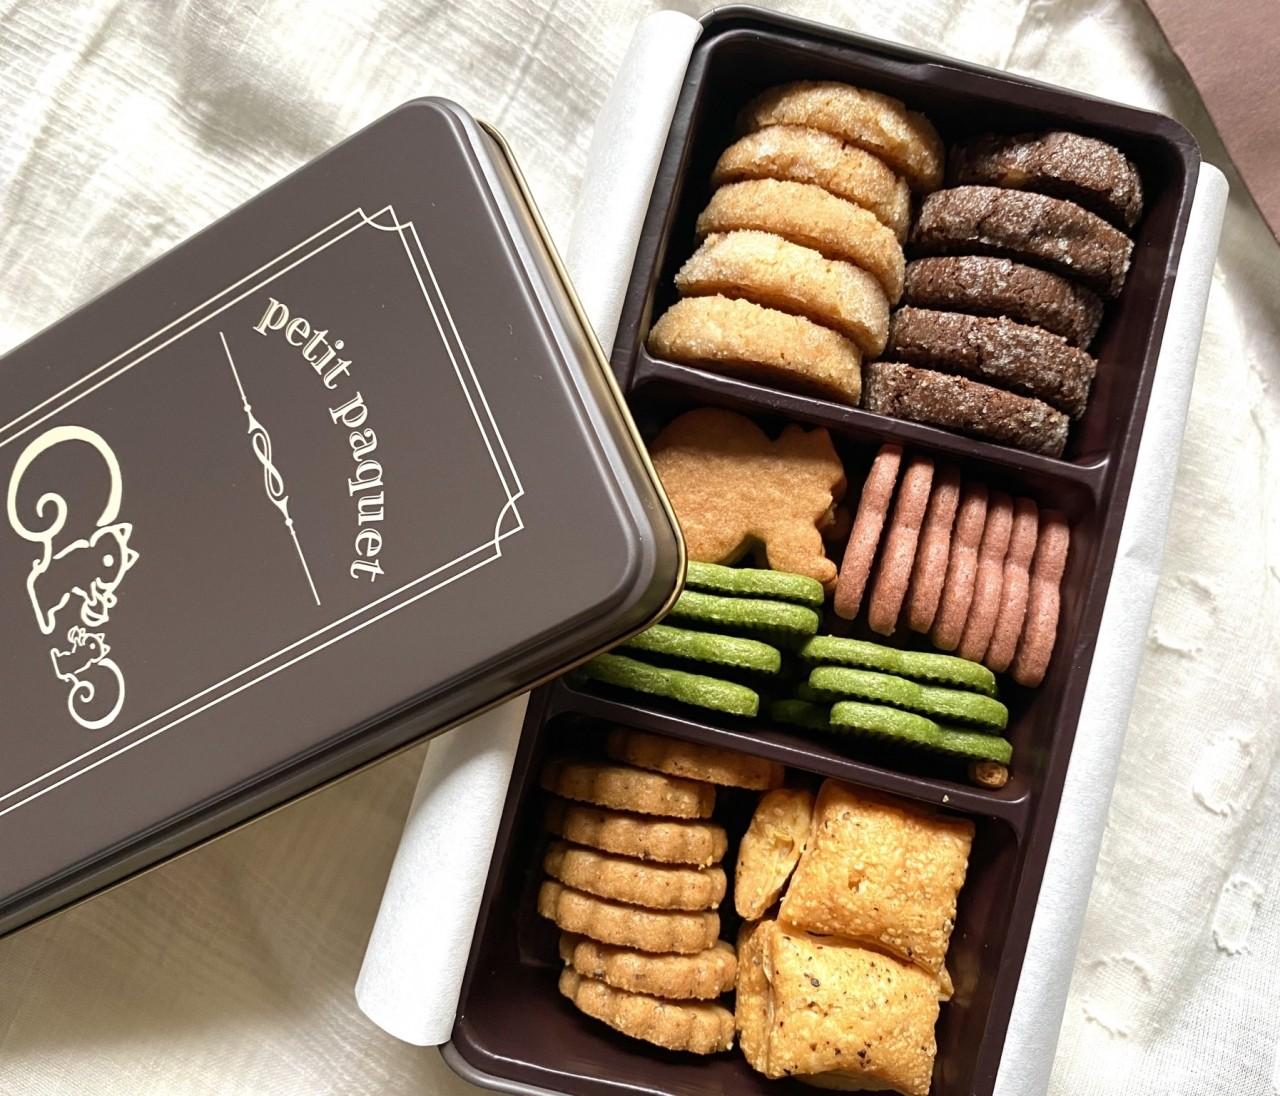 【お取り寄せスイーツ】大切に食べたい憧れのクッキー缶